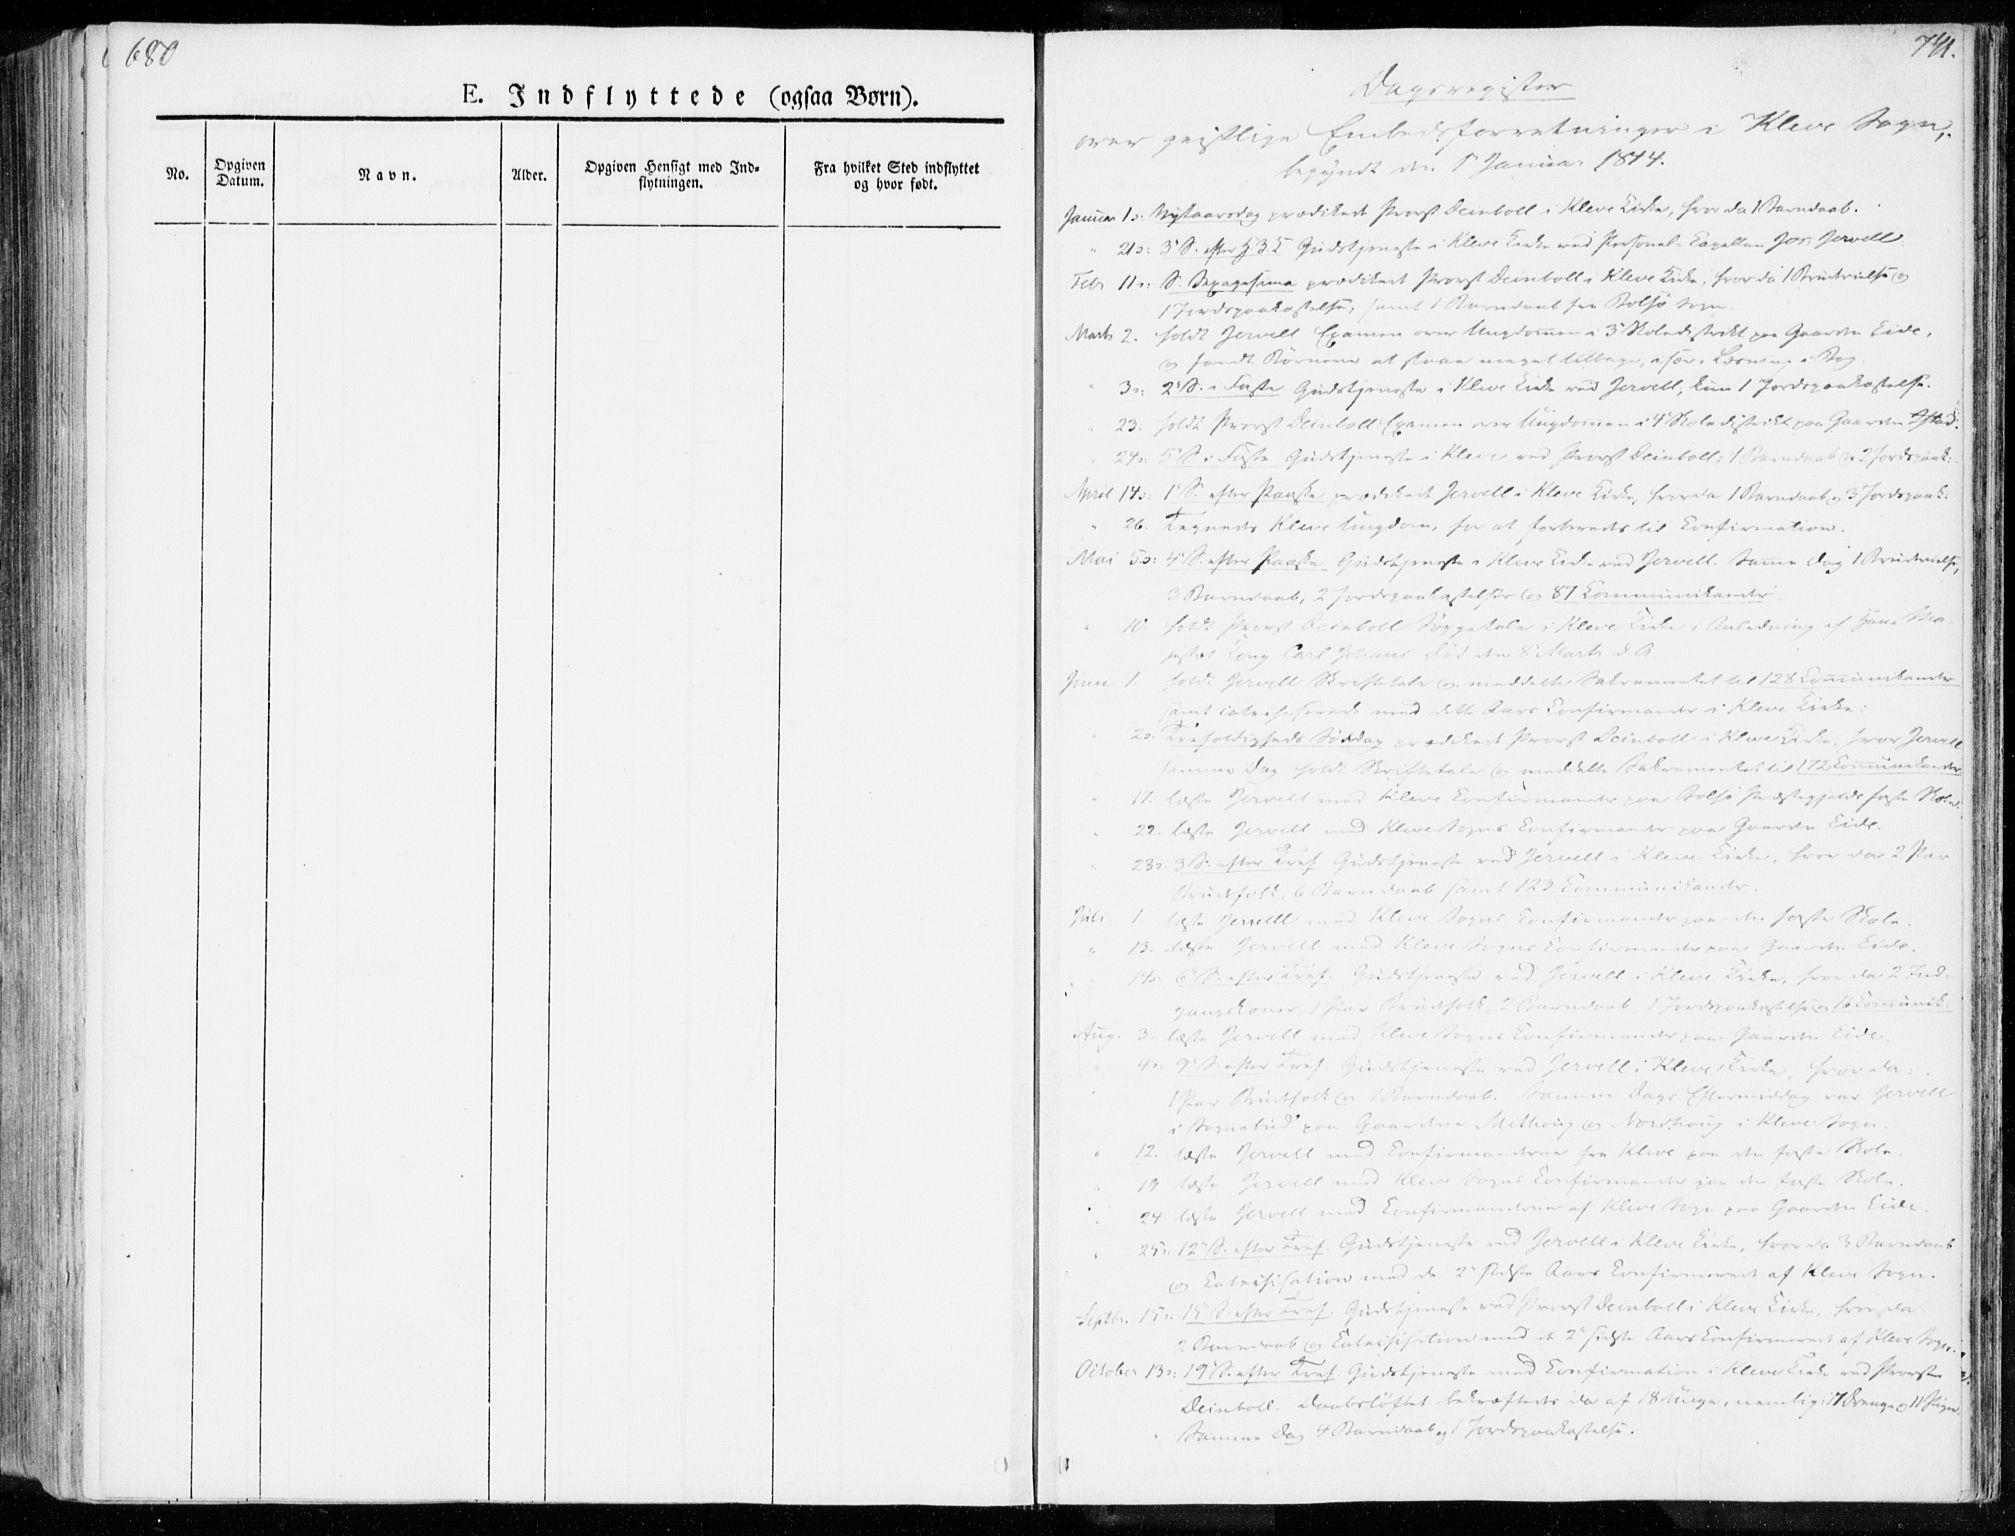 SAT, Ministerialprotokoller, klokkerbøker og fødselsregistre - Møre og Romsdal, 557/L0680: Ministerialbok nr. 557A02, 1843-1869, s. 741